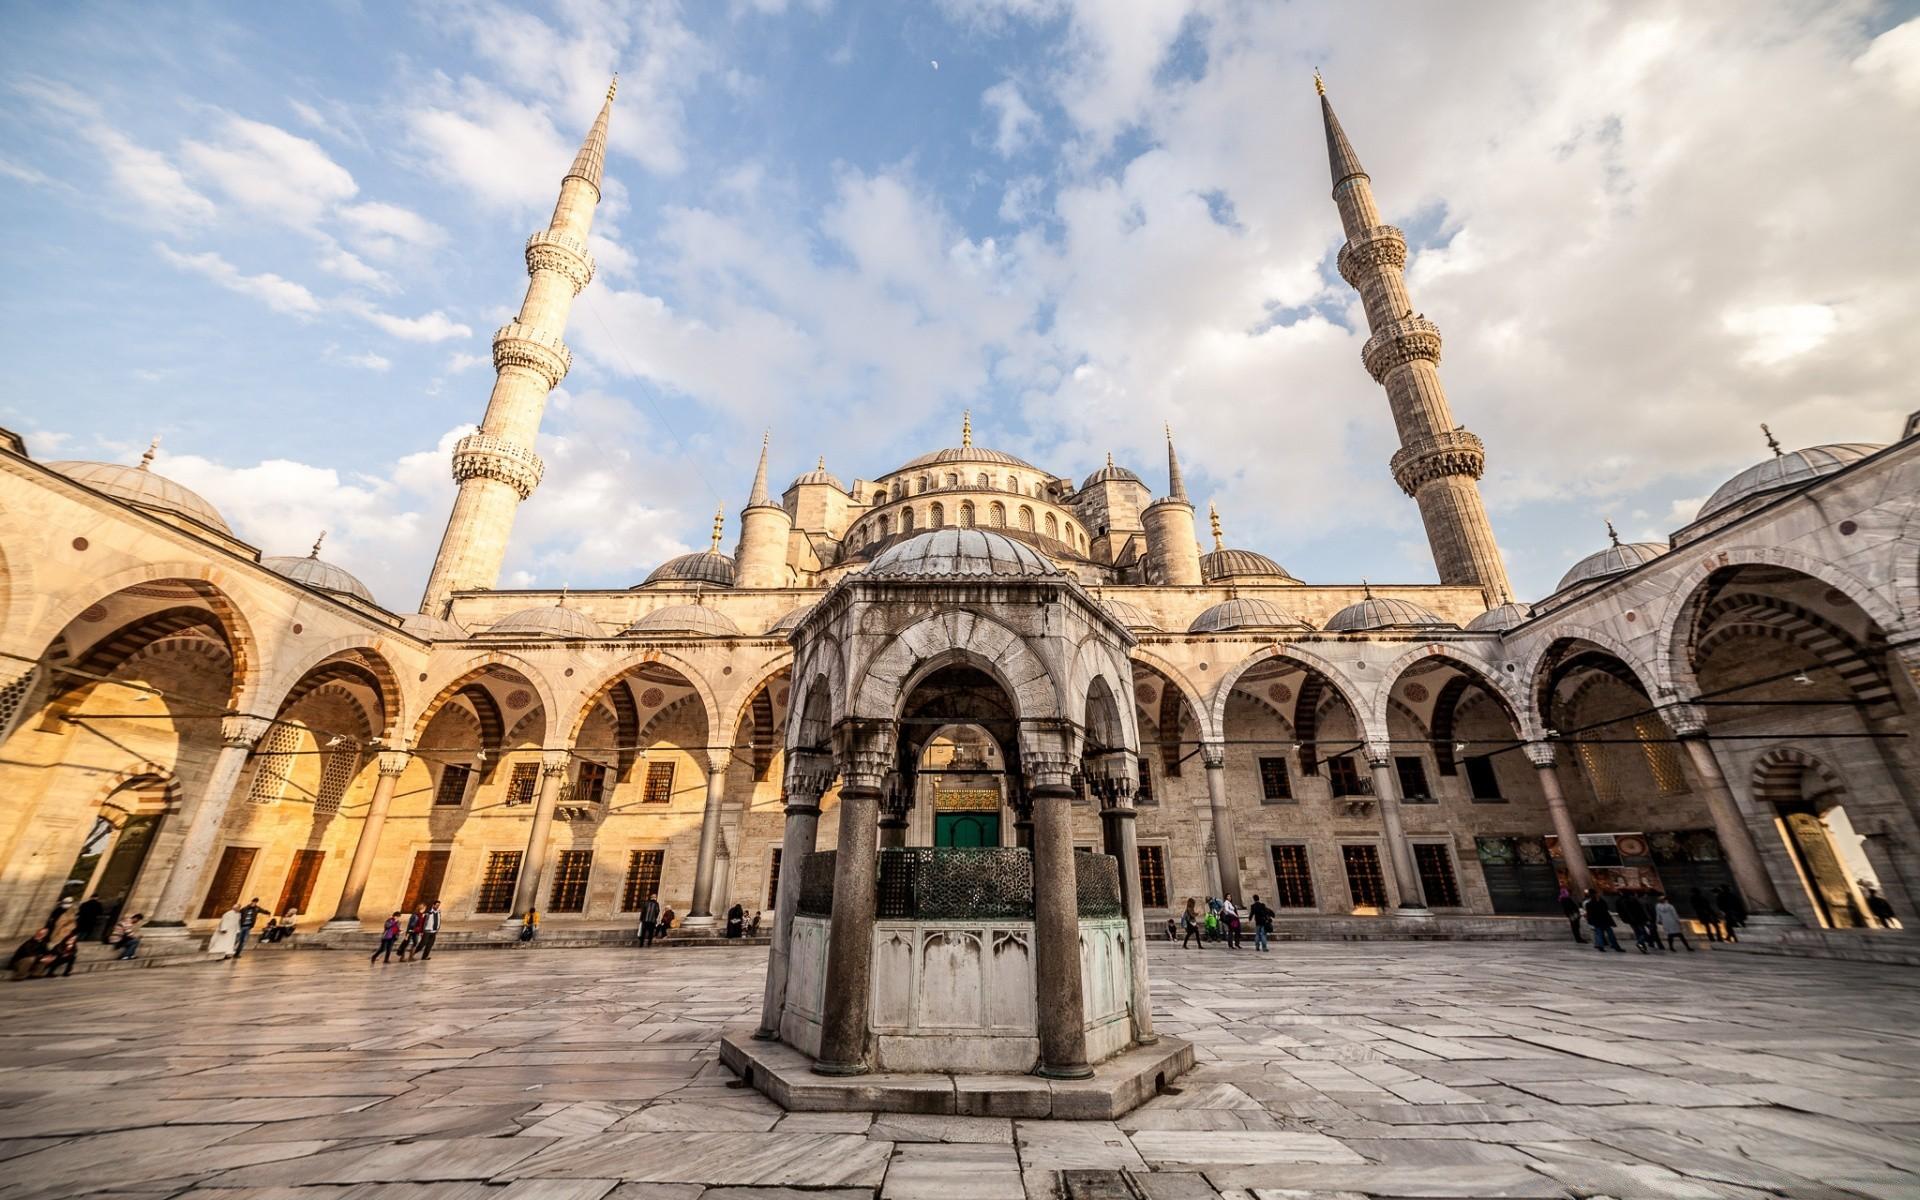 страны архитектура Стамбул Турция country architecture Istanbul Turkey скачать